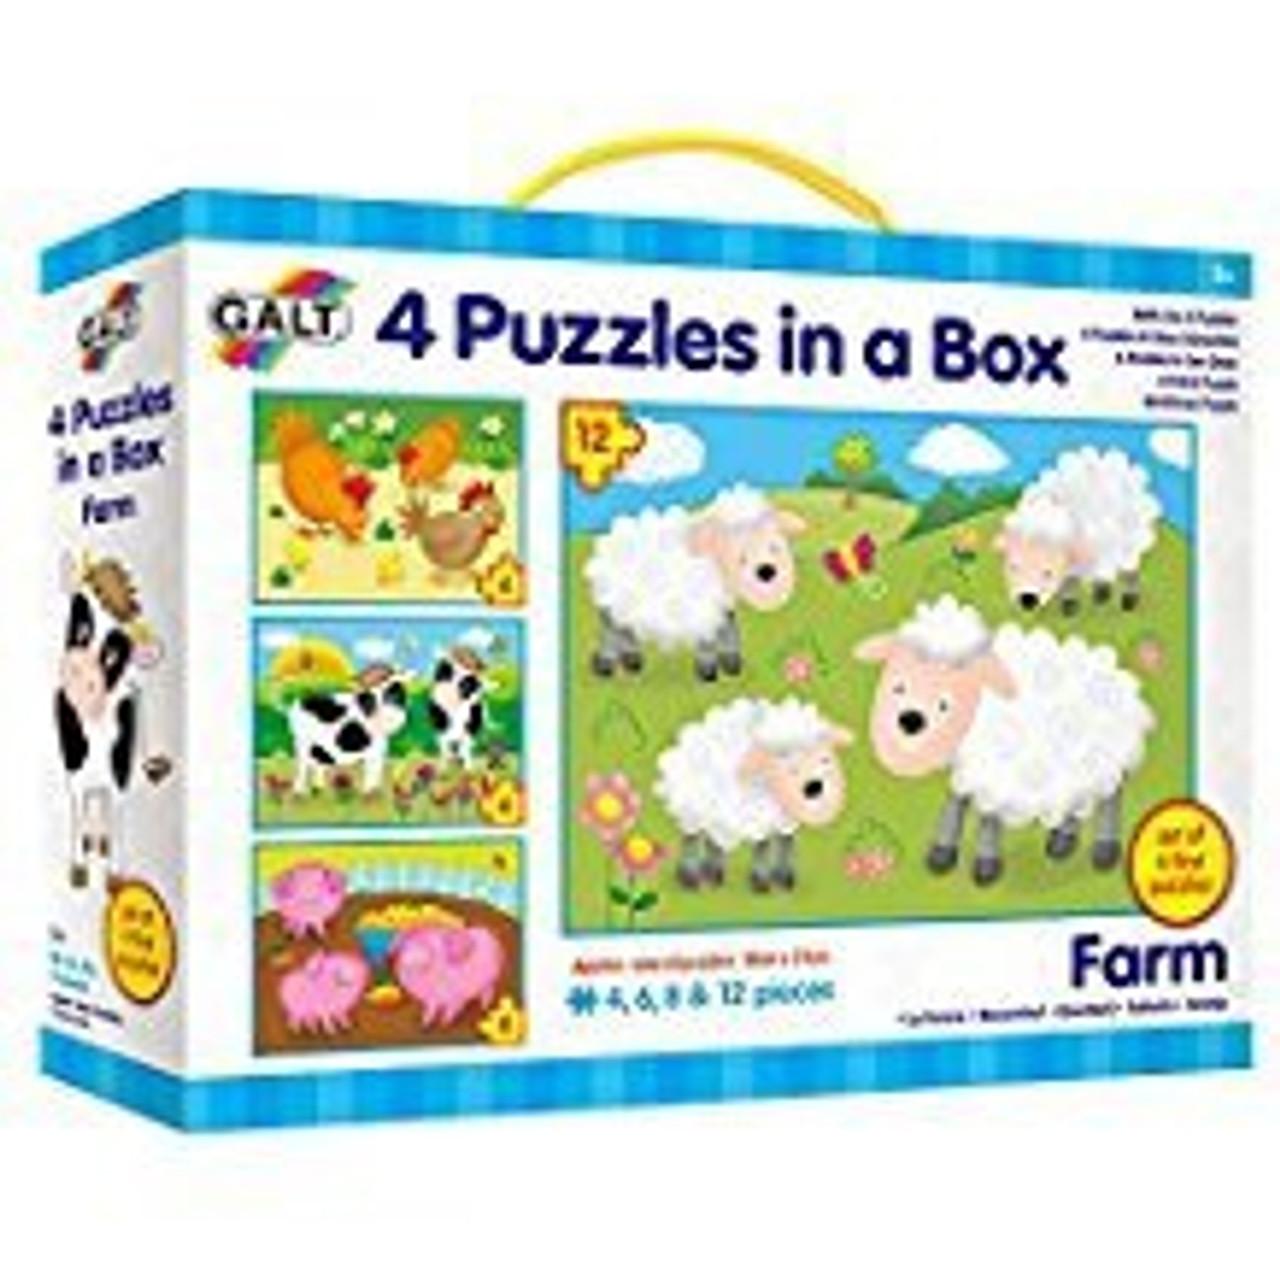 4 PUZZLES IN A BOX FARM